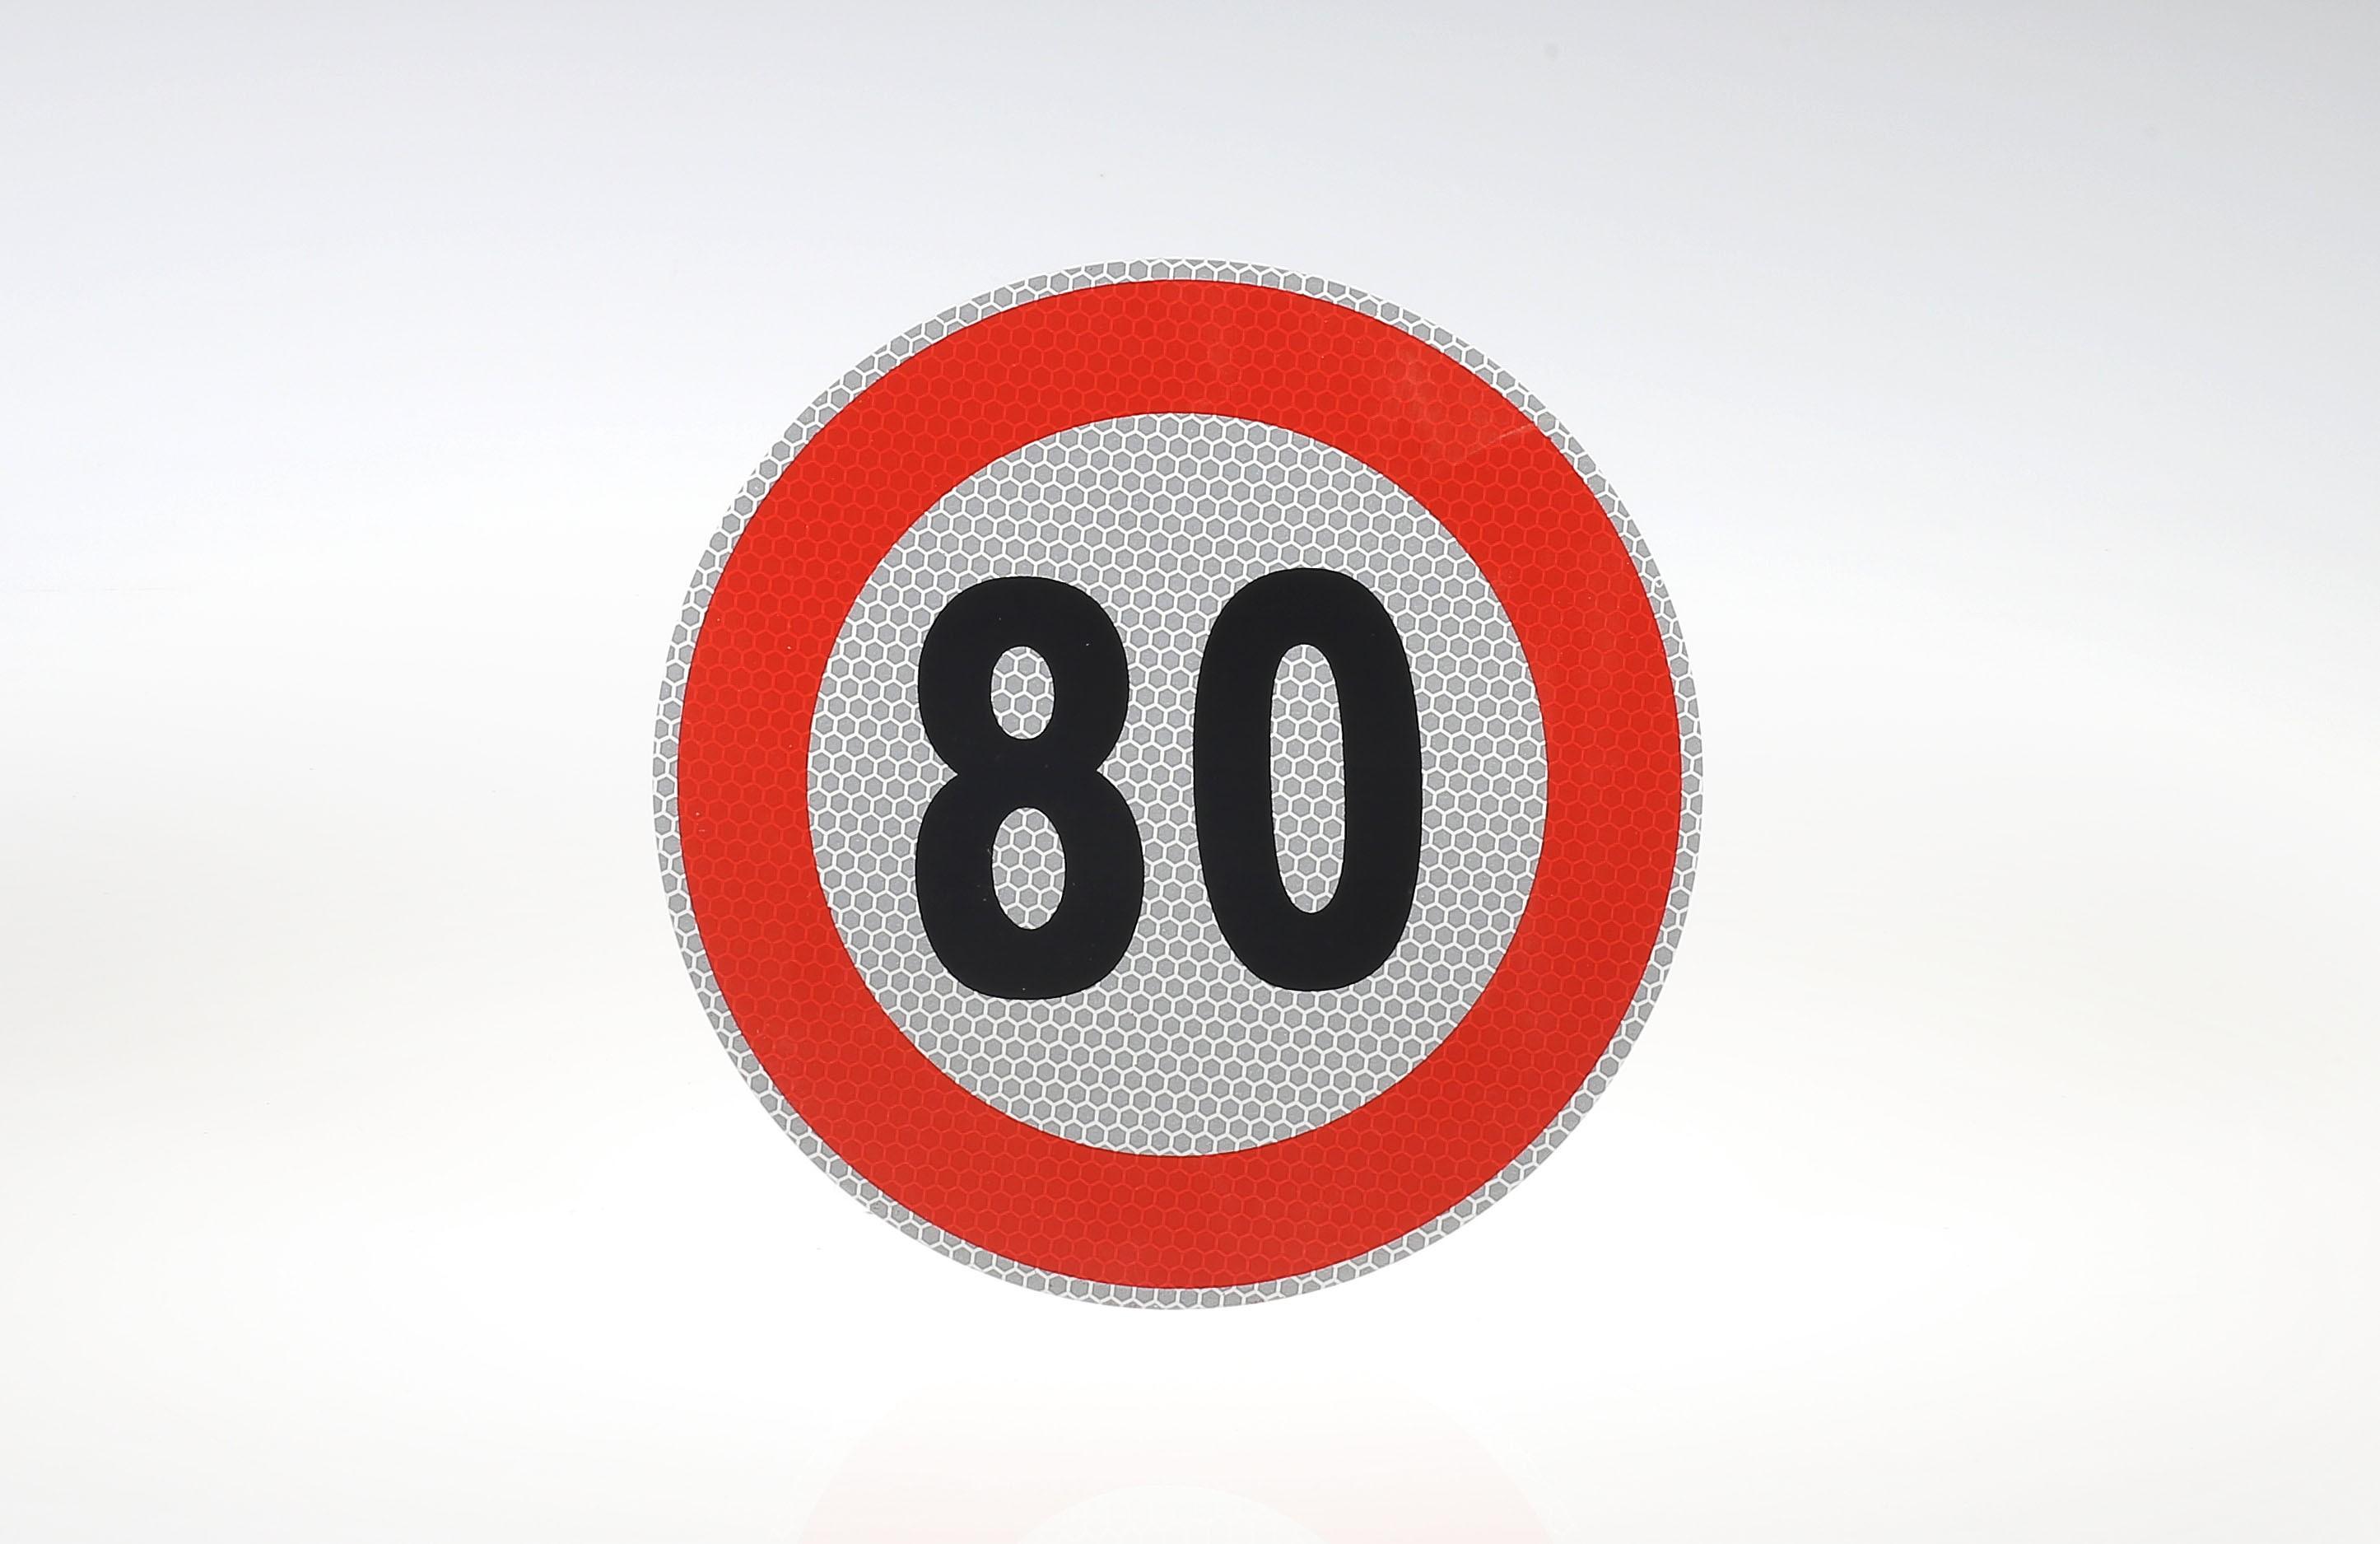 Limit prędkości odblask 80 km/h